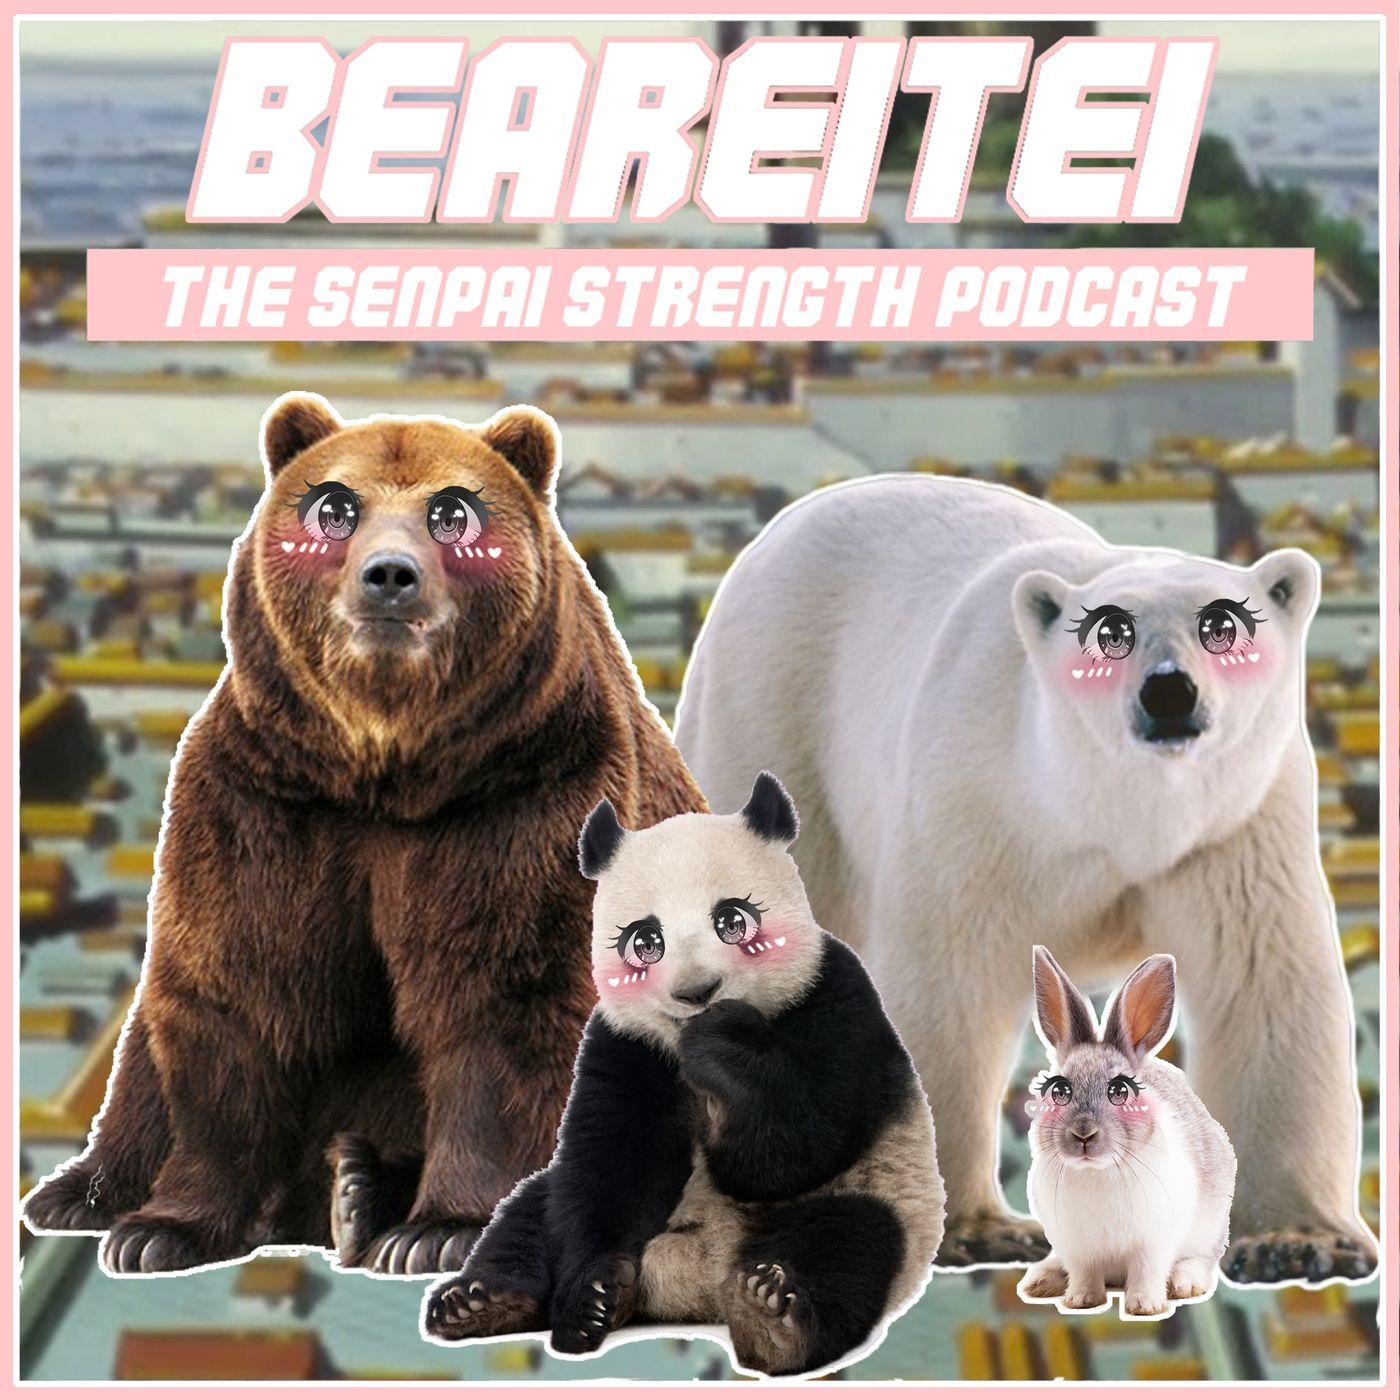 BEAREITEI 07.5: BUNNY BRAWL II - REDEMPTION